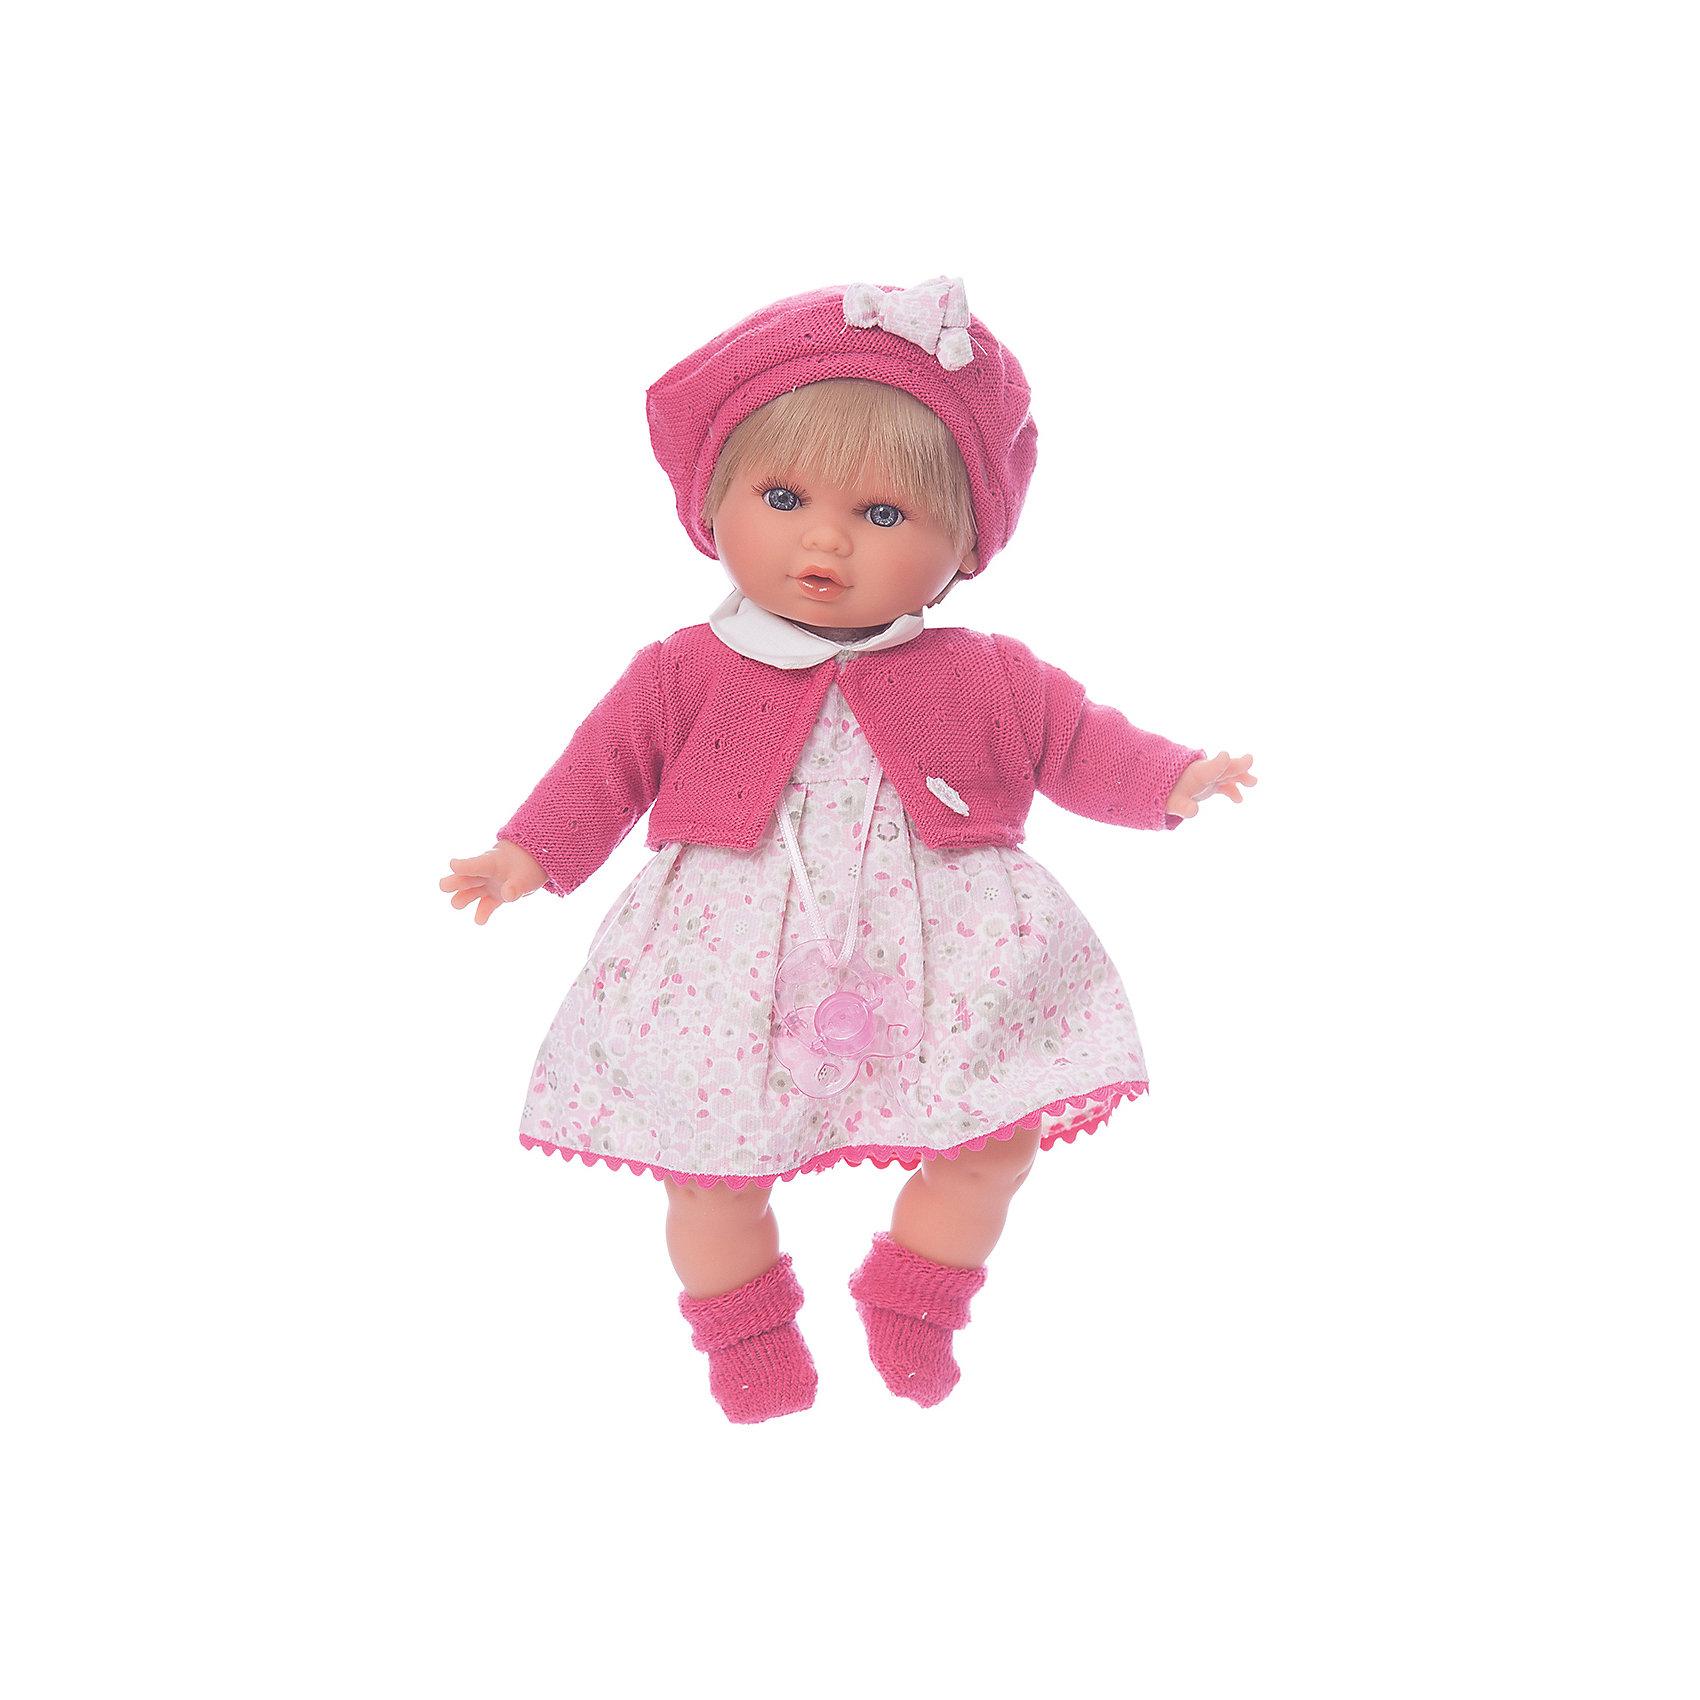 Кукла Кристиана в малиновом, 30 см, Munecas Antonio JuanКлассические куклы<br>Кукла Кристиана в малиновом, 30 см, JUAN ANTONIO munecas (Мунекас от Антонио Хуан) ? это очаровательная малышка от всемирно известного испанского бренда Мунекас от Антонио Хуан, который знаменит своими реалистичными куклами. Кукла изготовлена из винила высшего качества, ее тело ? мягконабивное, густые короткие волосы можно расчесывать. Ручки и ножки подвижны, глазки не закрываются. <br>Малышка Кристиана настолько очаровательна, что перед ней просто невозможно устоять! Настоящая блондинка с голубыми глазами, нежными чертами лица, розовыми щечками и пухленькими губками.  <br>Кукла Кристиана в малиновом, 30 см, JUAN ANTONIO munecas (Мунекас от Антонио Хуан) разработана с учетом анатомических особенностей и мимики младенцев. Играя с Кристианой, ваш ребенок реалистично проживает роль «мамы», учится ухаживать за малышом, заботиться о нем.<br>В комплекте с куклой идет соска, если ее достать из ротика, то Кристиана начинает плакать. <br>Одежда куклы разработана современными европейскими дизайнерами: платье Кристианы в нежный цветочек с белым воротничком и розовой каймой по низу. Сверху на ней одет трикотажный жакет розового цвета, носочки и берет в тон к нему. Весь комплект одежды и его продуманные детали направлены на то, чтобы способствовать формированию чувства стиля и вкуса в одежде у вашей девочки.<br>Куклы JUAN ANTONIO munecas (Мунекас от Антонио Хуан) ? мечта девочки любого возраста!<br><br>Дополнительная информация:<br><br>- Вид игр: сюжетно-ролевые игры <br>- Дополнительные функции: плачет<br>- Материал: пластик, винил, текстиль<br>- Высота куклы: 30 см<br>- Вес: 787 г<br>- Батарейки: 3 шт. АА<br>- Особенности ухода: одежда ? ручная стирка, саму куклу мыть не рекомендуется <br><br>Подробнее:<br><br>• Для детей в возрасте: от 3 лет и до 6 лет<br>• Страна производитель: Испания<br>• Торговый бренд: JUAN ANTONIO munecas <br><br>Куклу Кристиану в малиновом, 30 см, JUAN ANTONIO munecas (Мунека